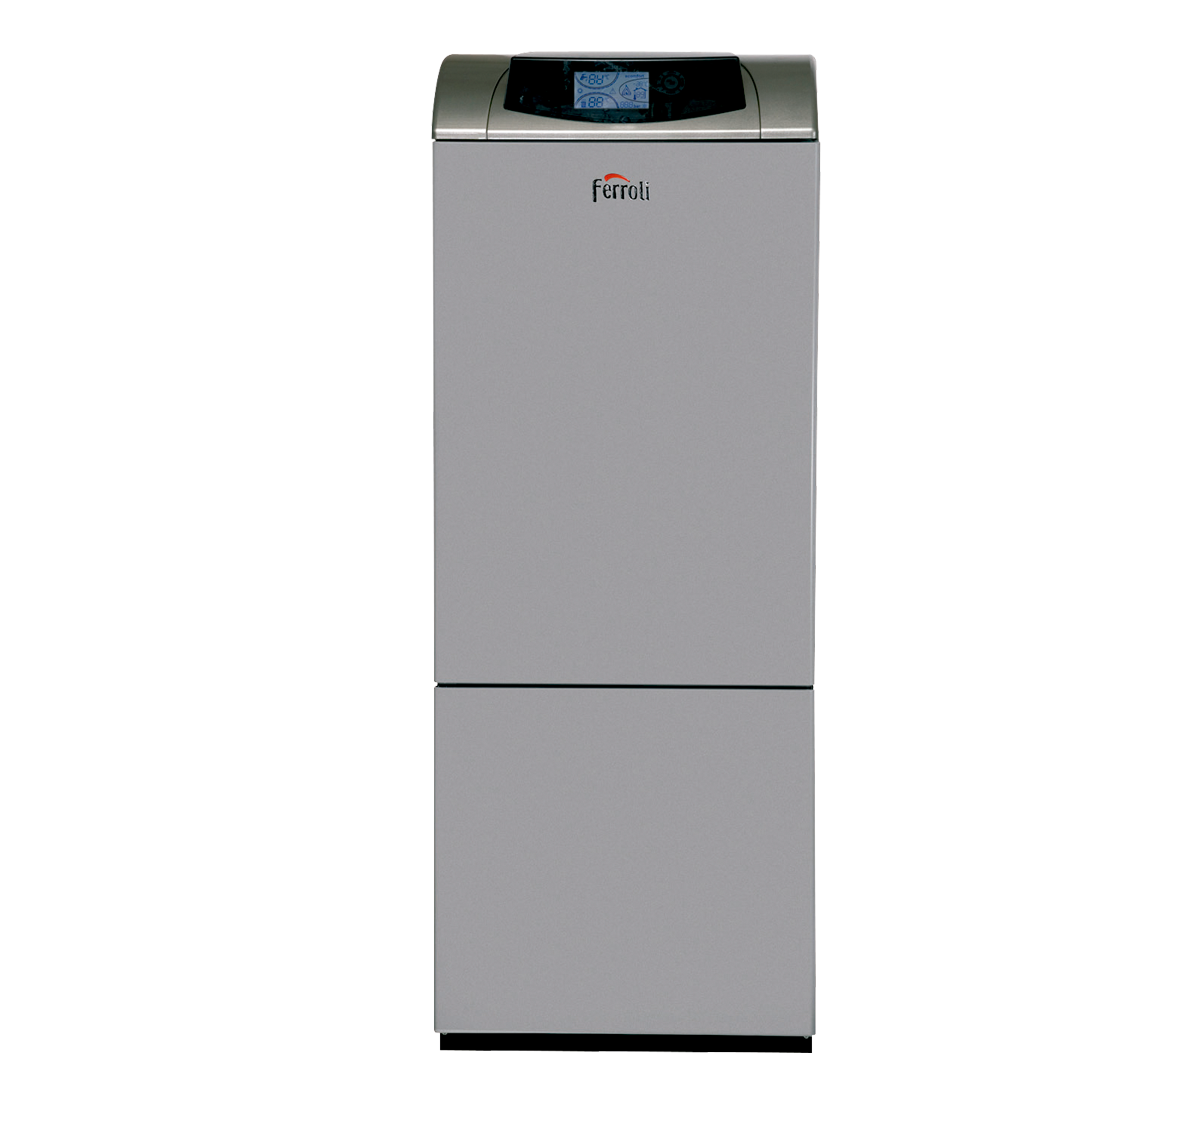 caldera de gasoleo ferroli atlas d eco 42 k 130 unit caseragua venta calderas